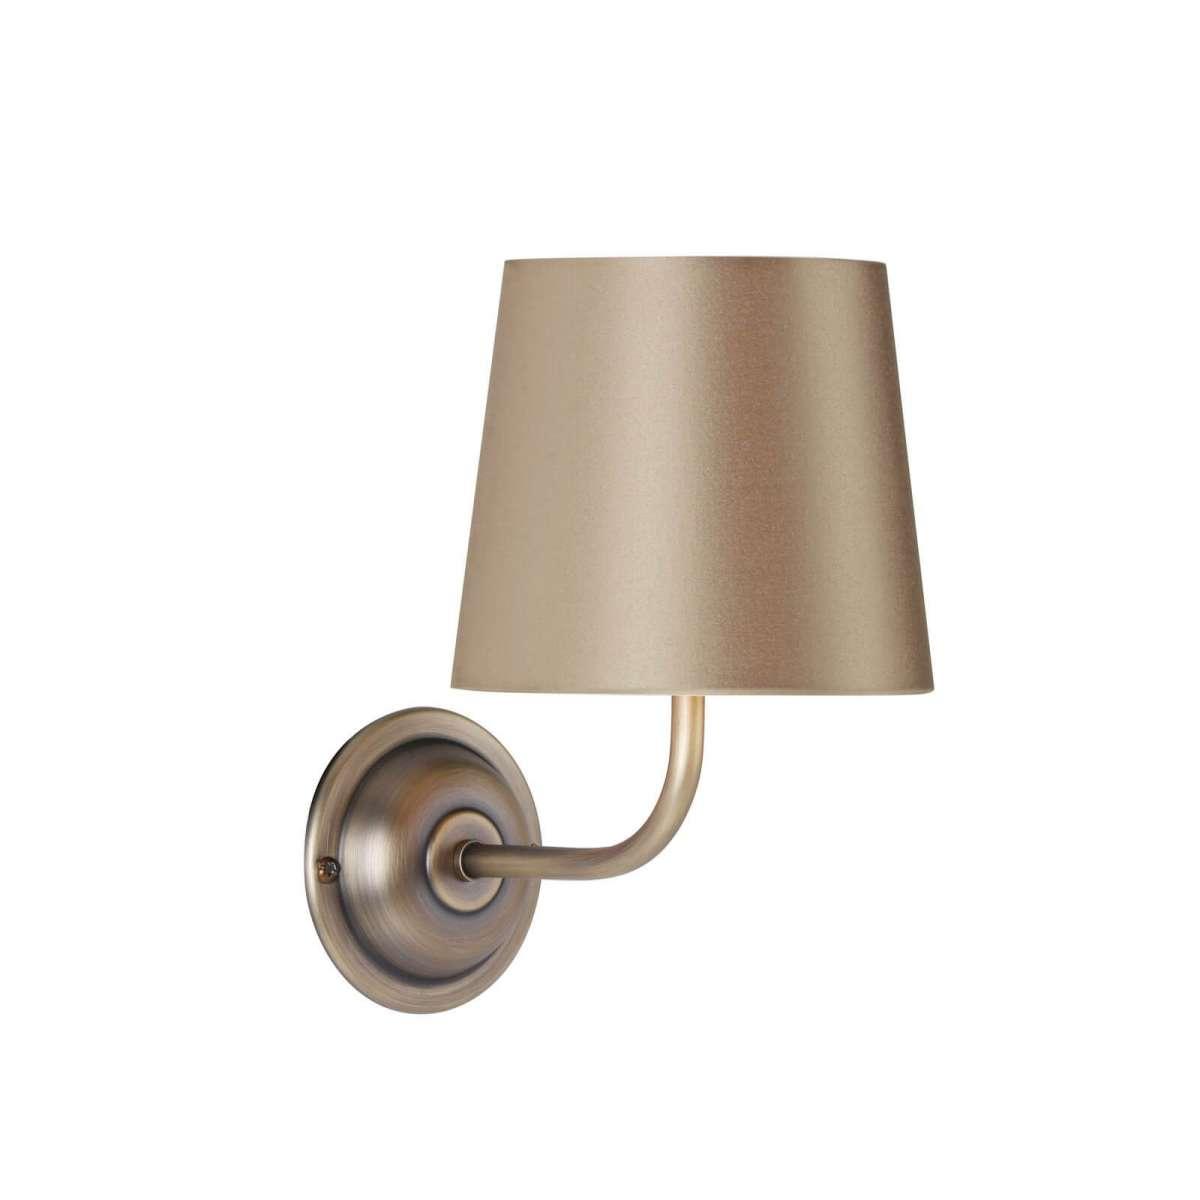 Bexley Wall Light Antique Brass